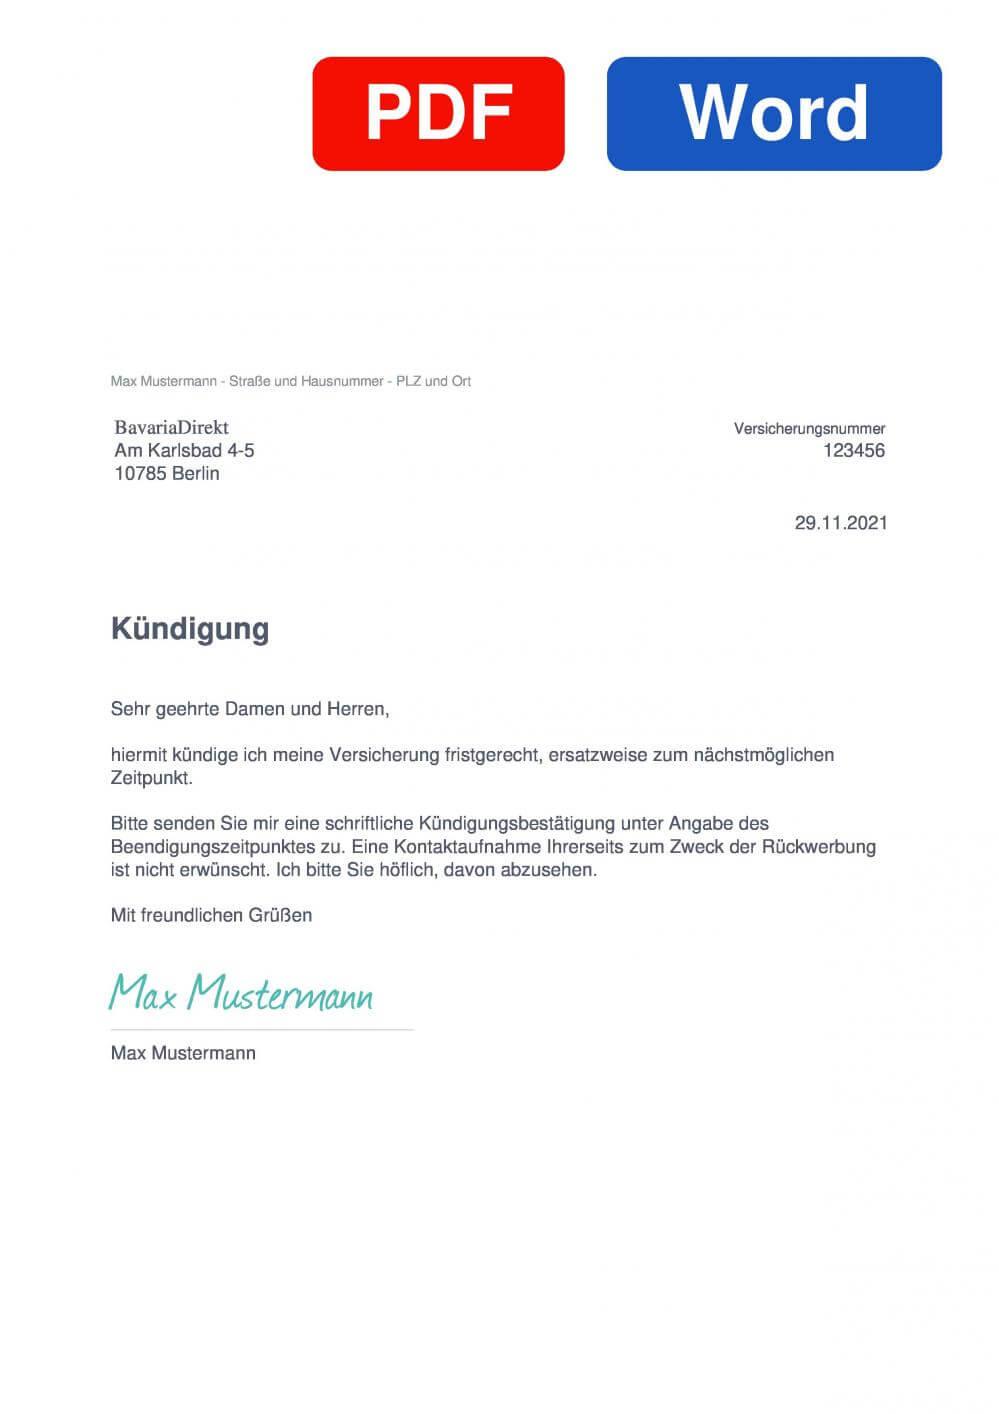 Bavariadirekt KFZ Versicherung Muster Vorlage für Kündigungsschreiben